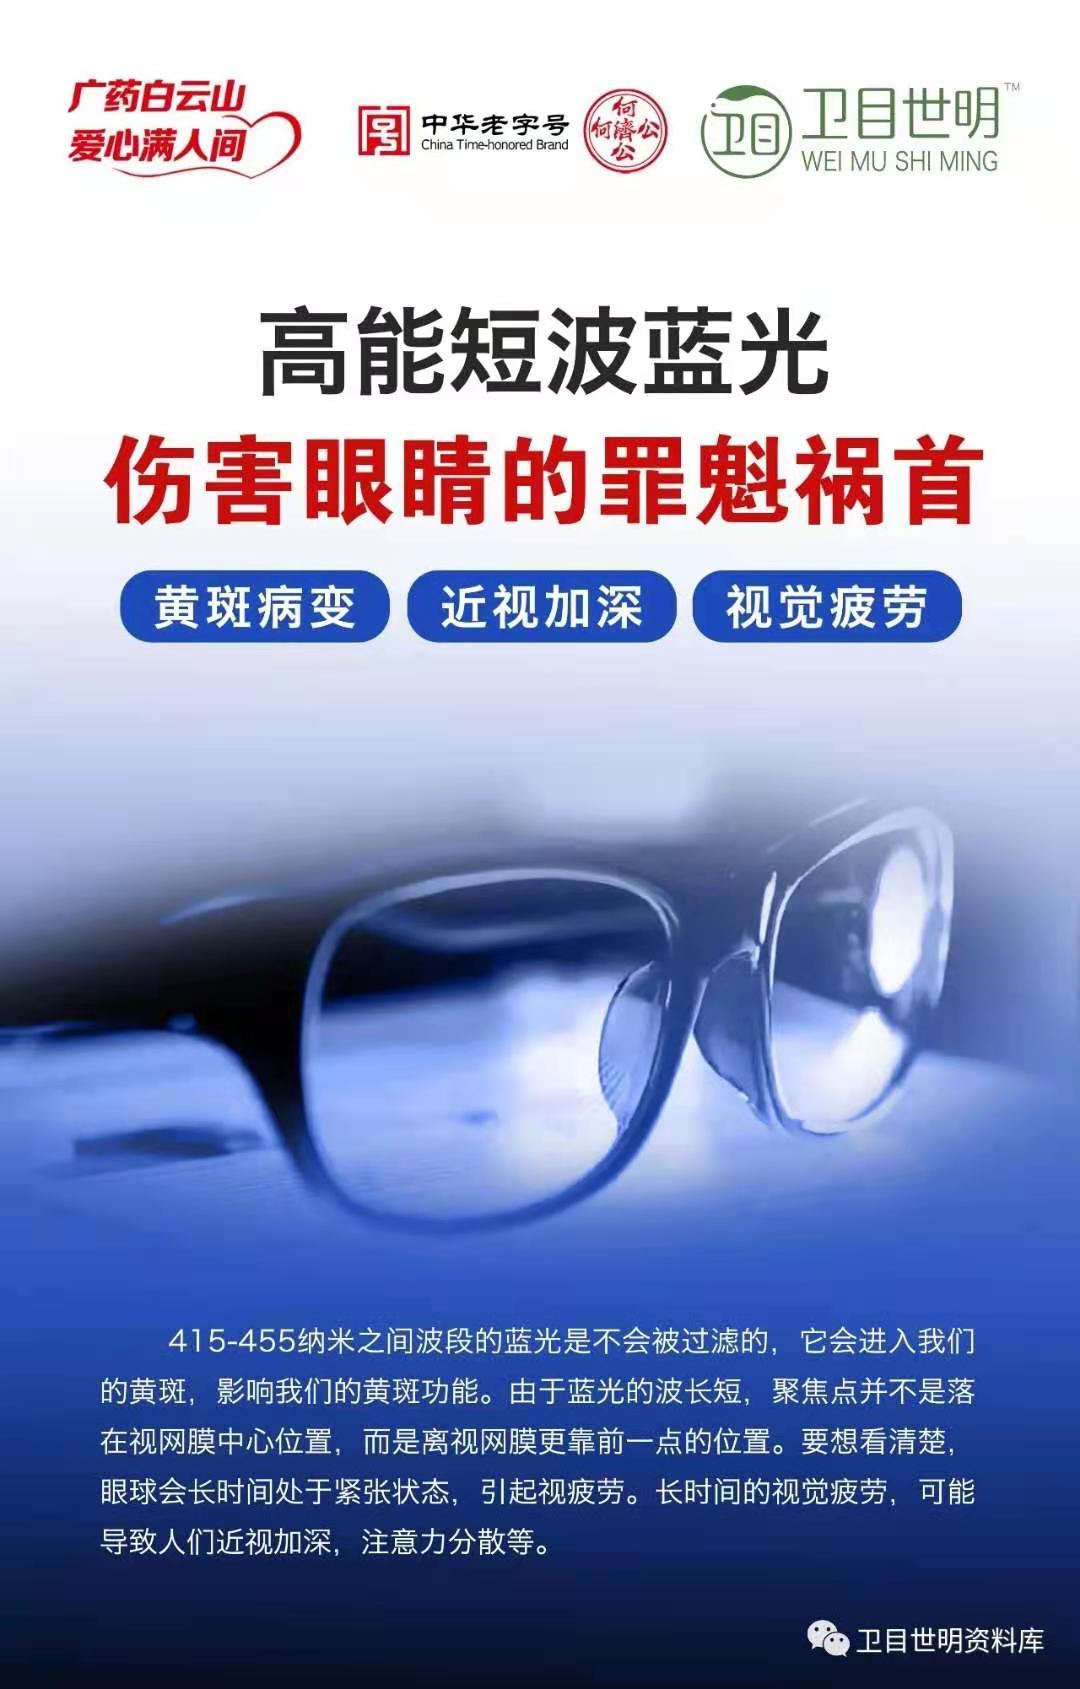 何济公卫目世明产品可靠么?代理模式好么?护眼喷雾有没有市场